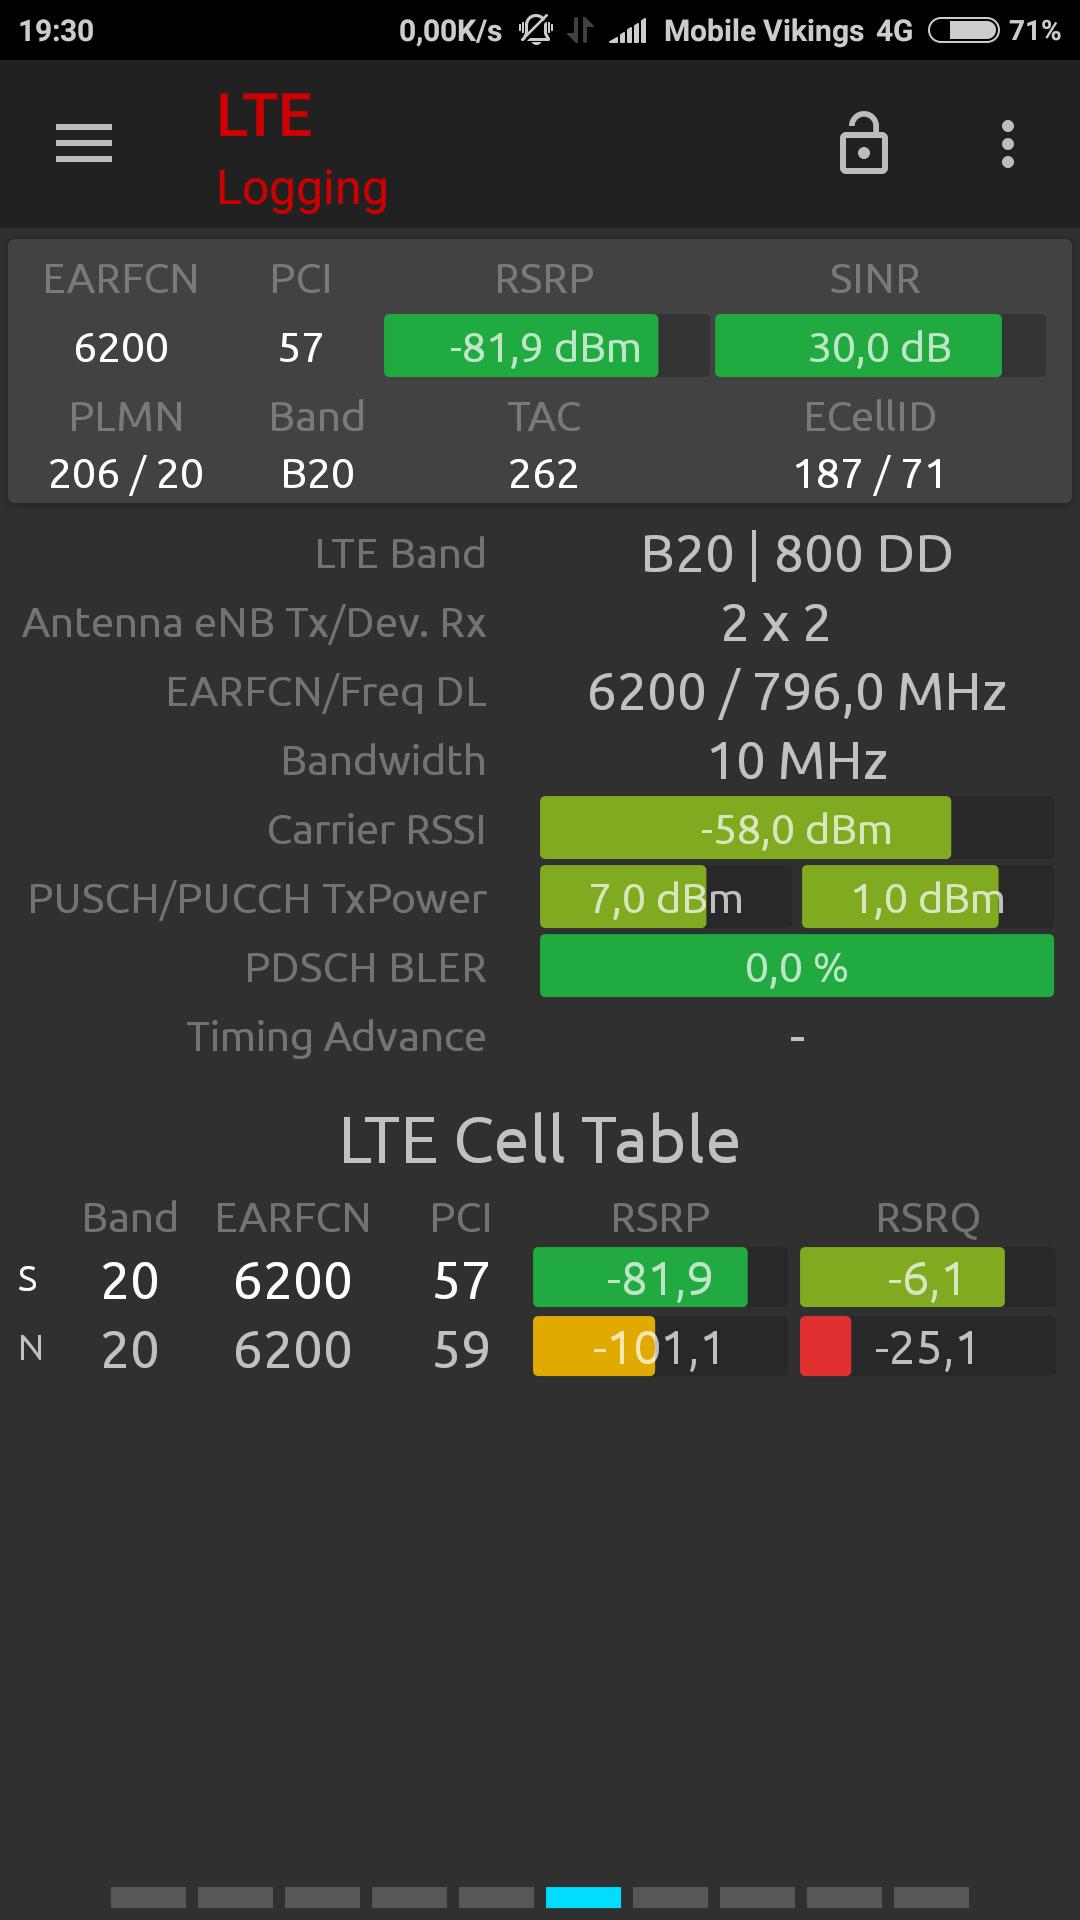 Xiaomi Global Phones With Band 20 Xiaomi eu Rom   Xiaomi